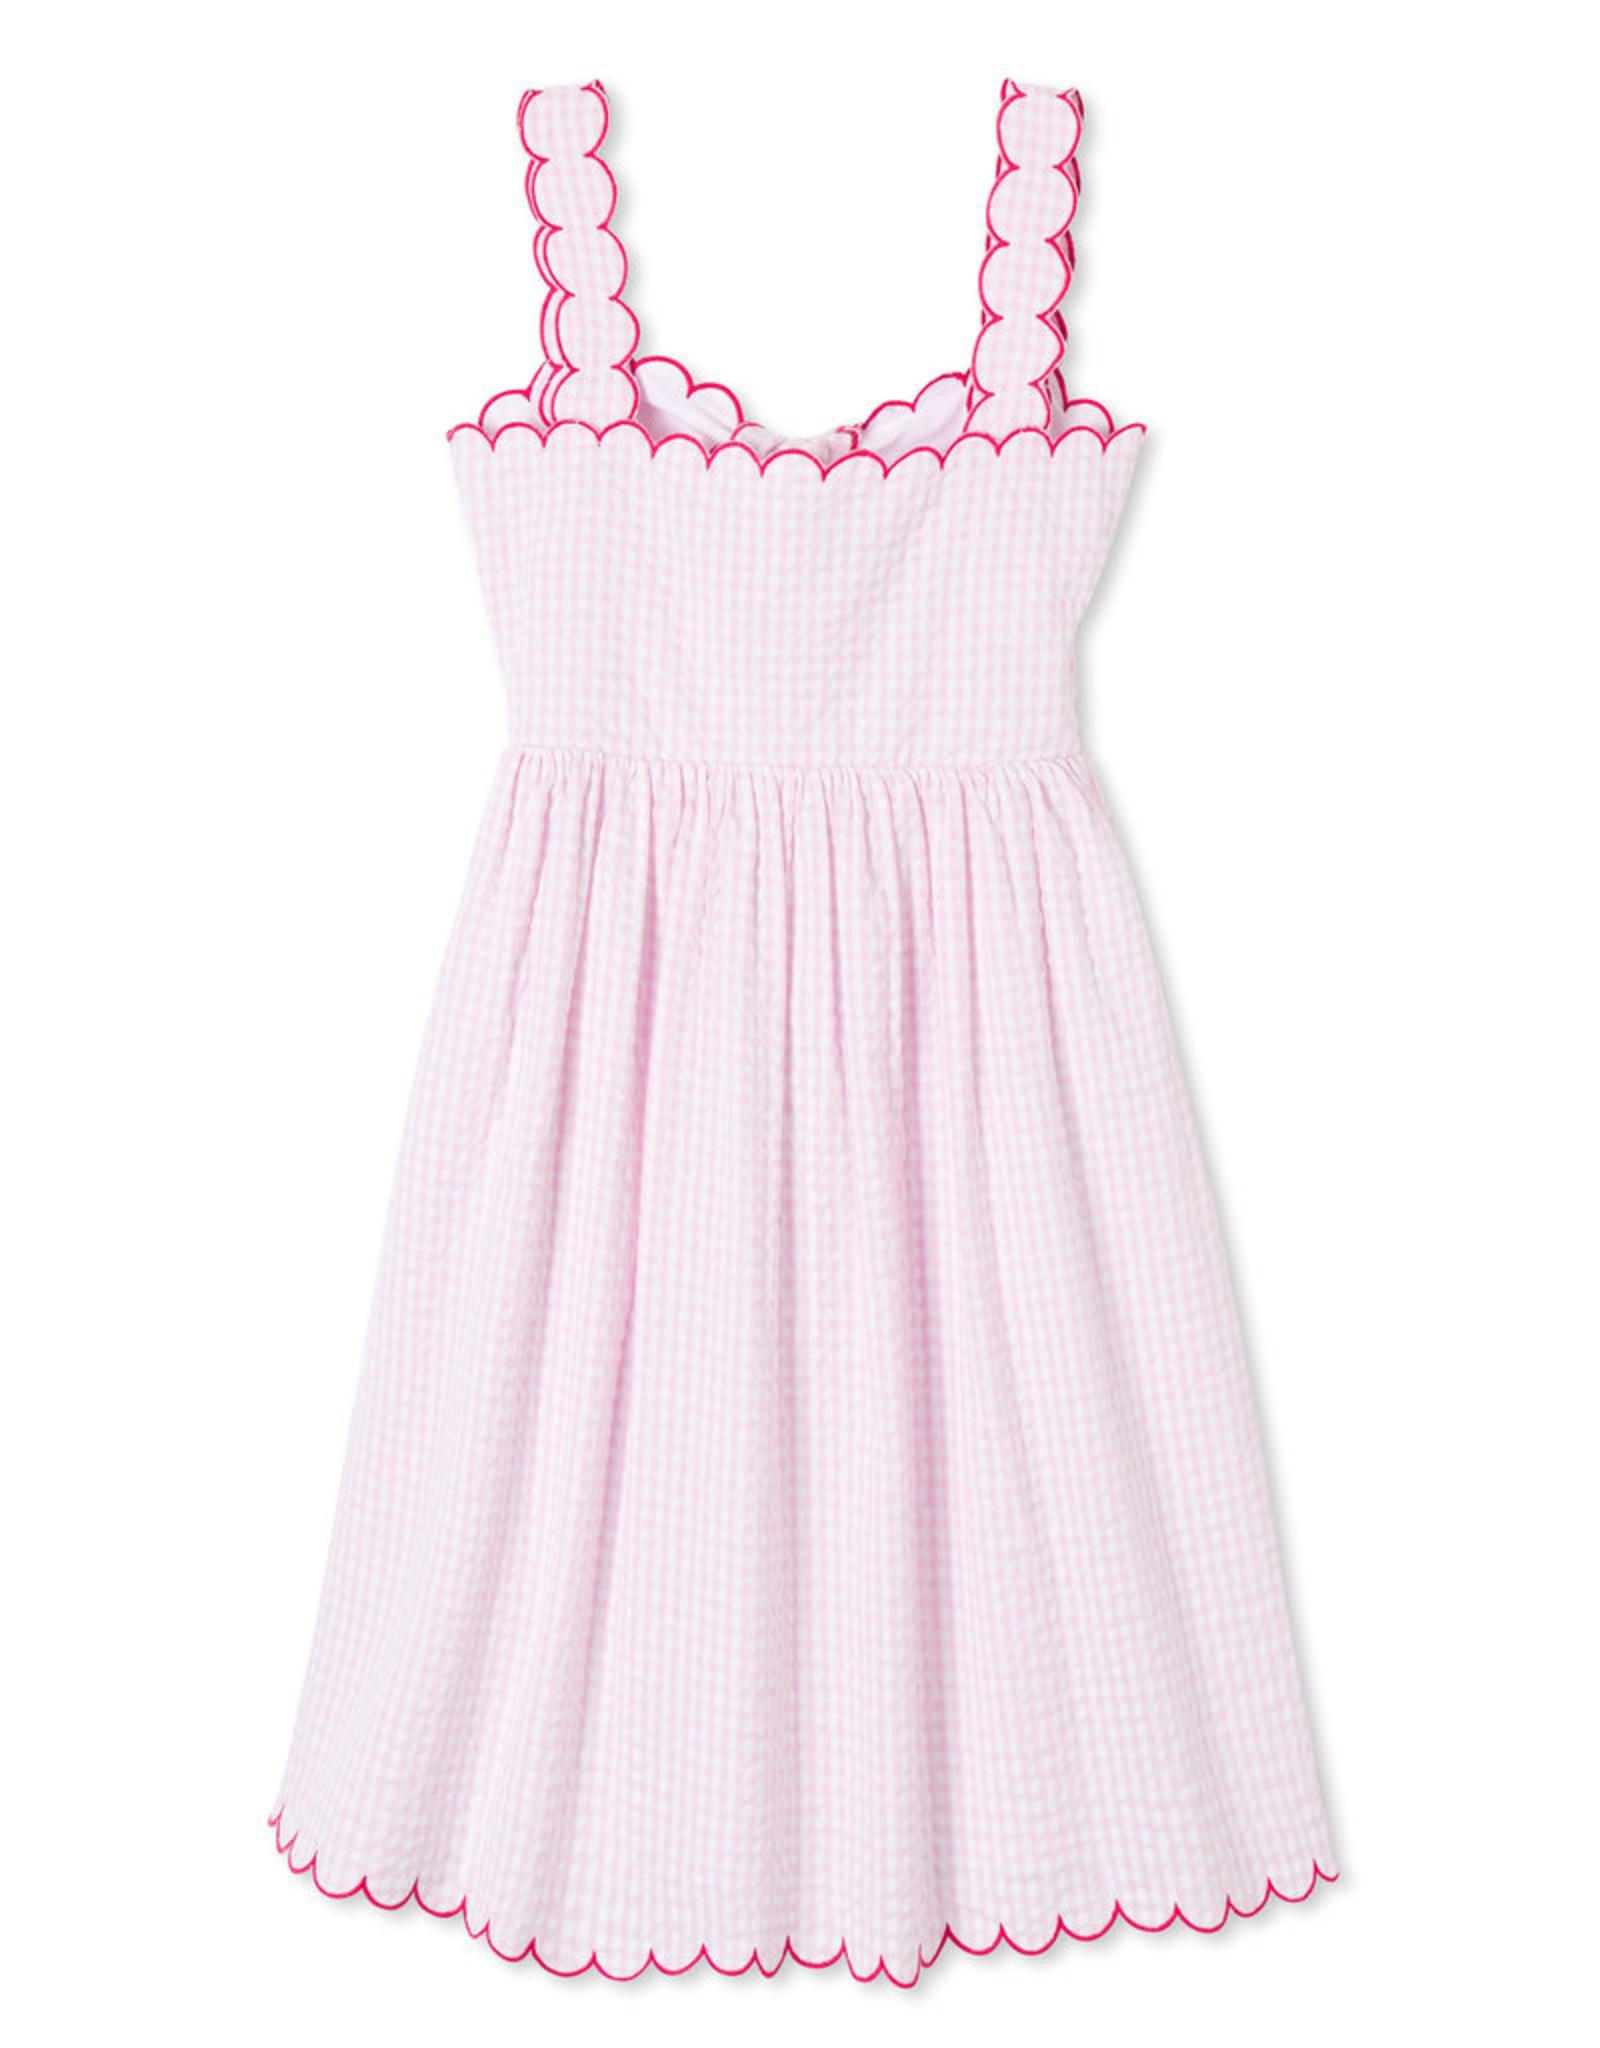 Classic prep Quinn Dress